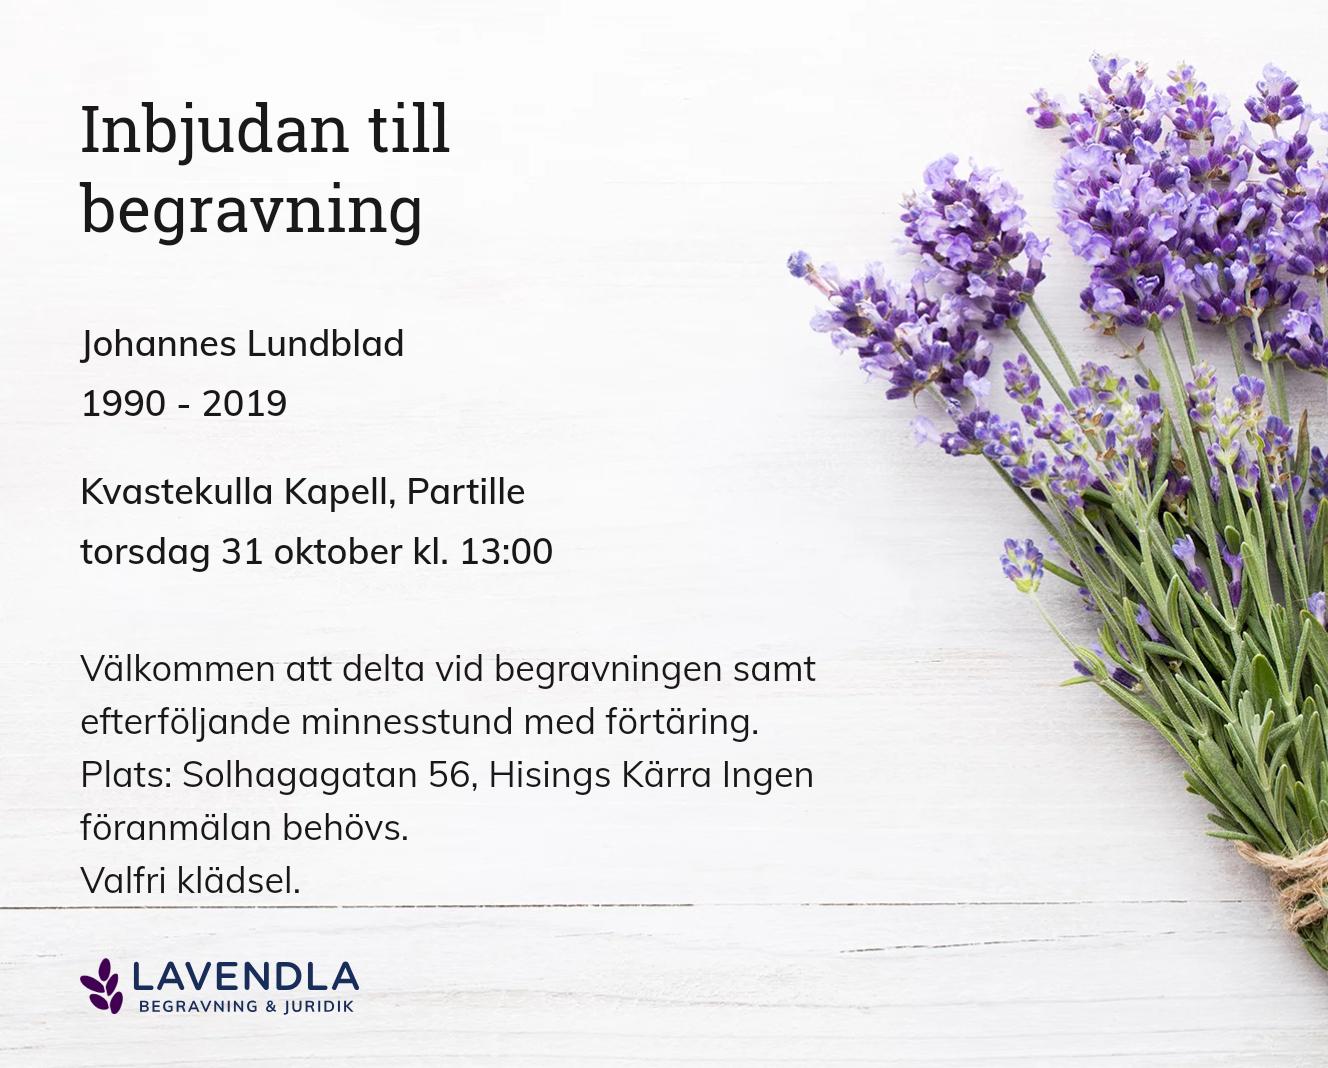 Inbjudningskort till ceremonin för Johannes Lundblad